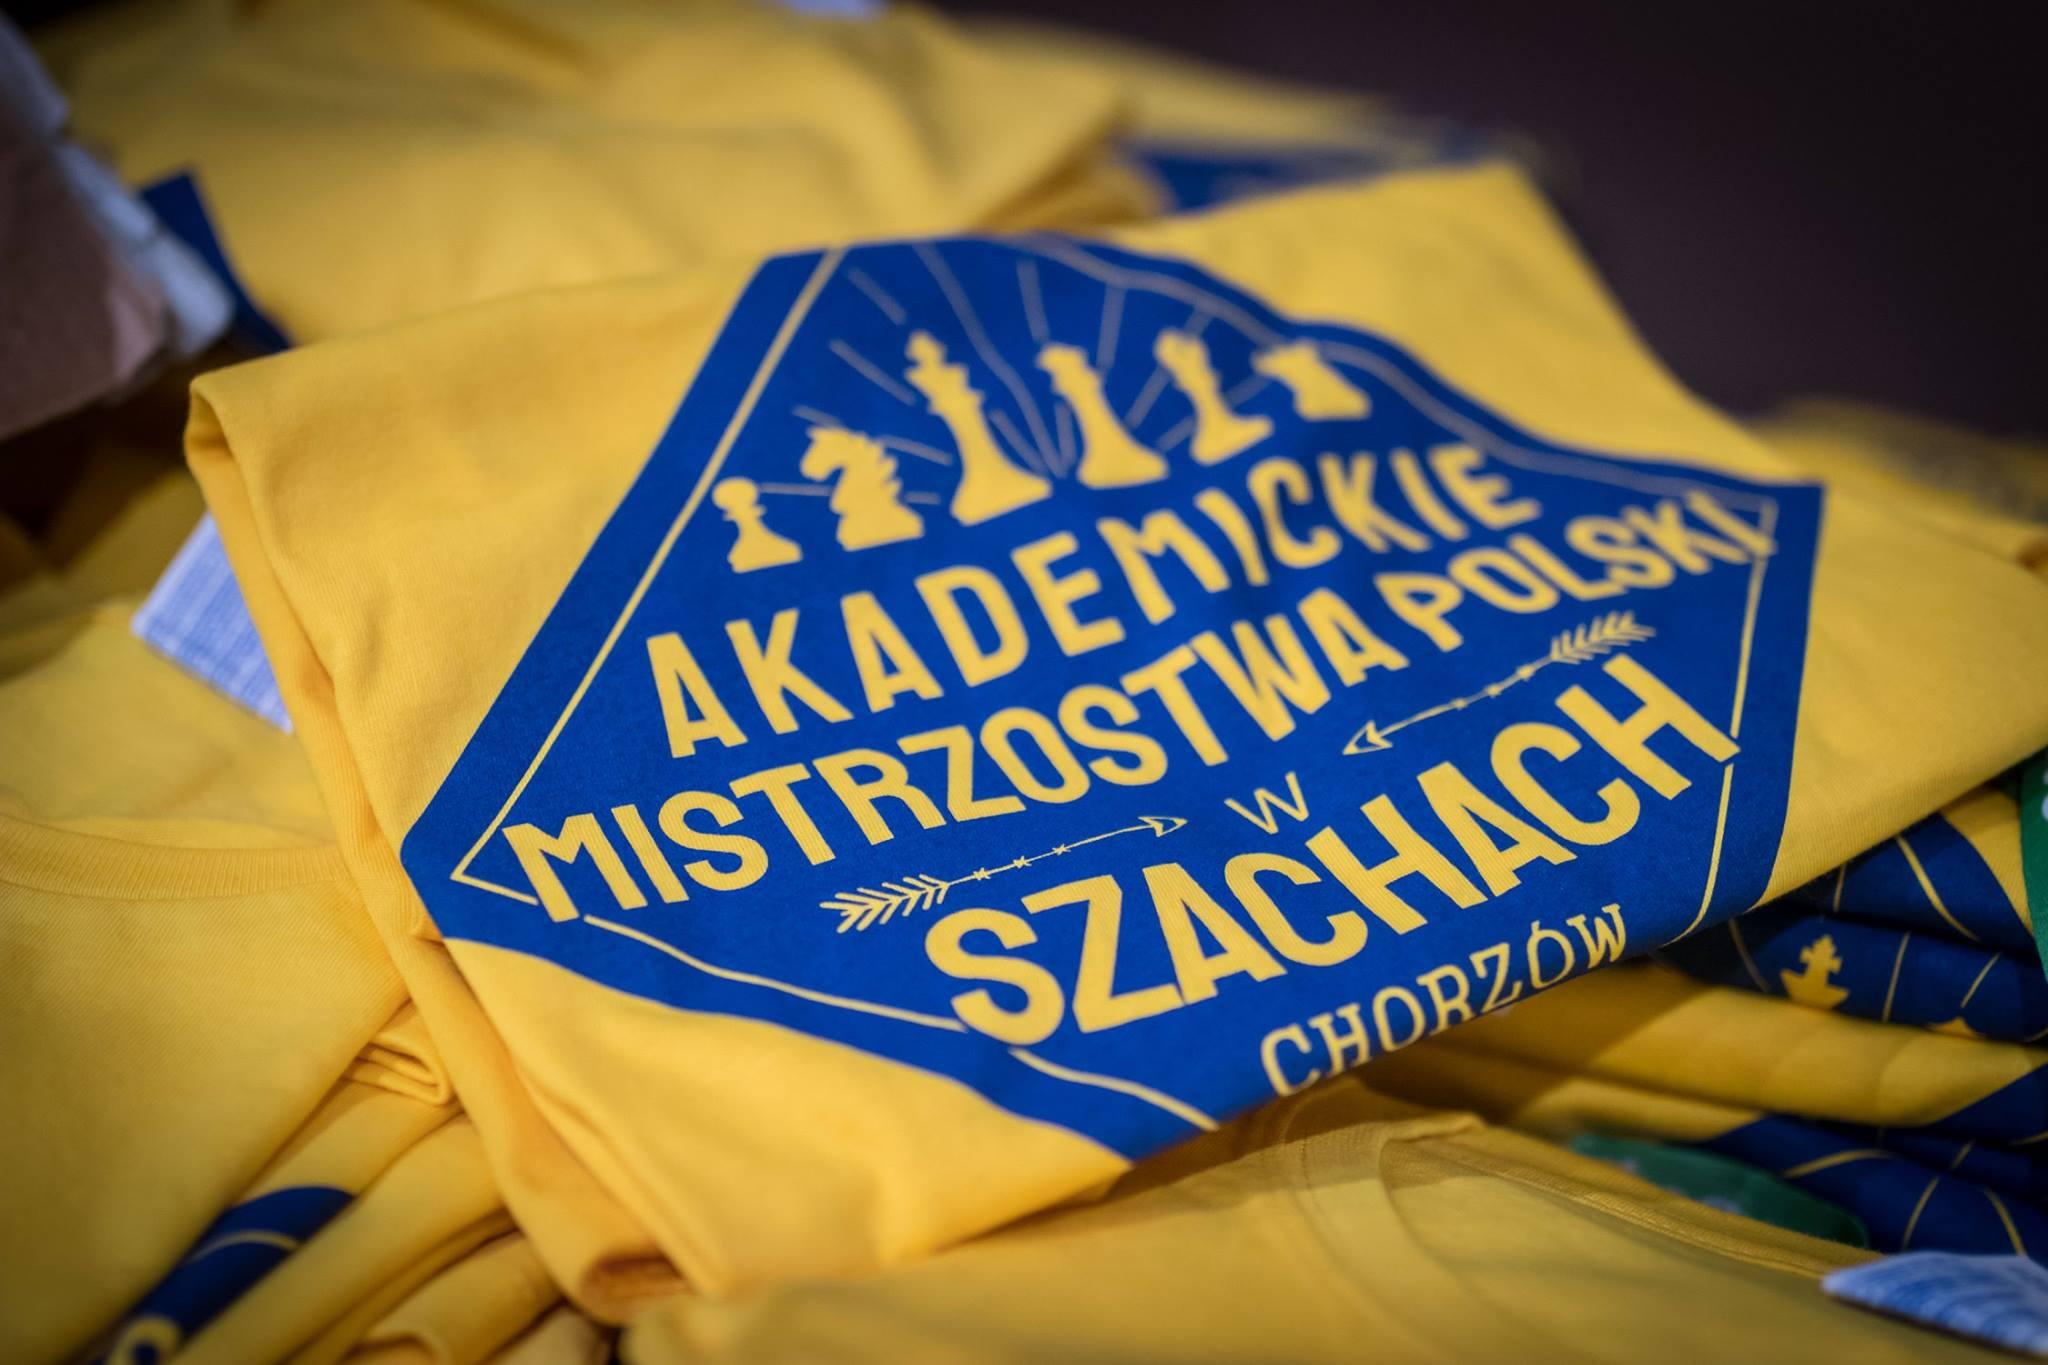 Akademickie_Mistrzostwa_Polski_2019_koszulkijpg